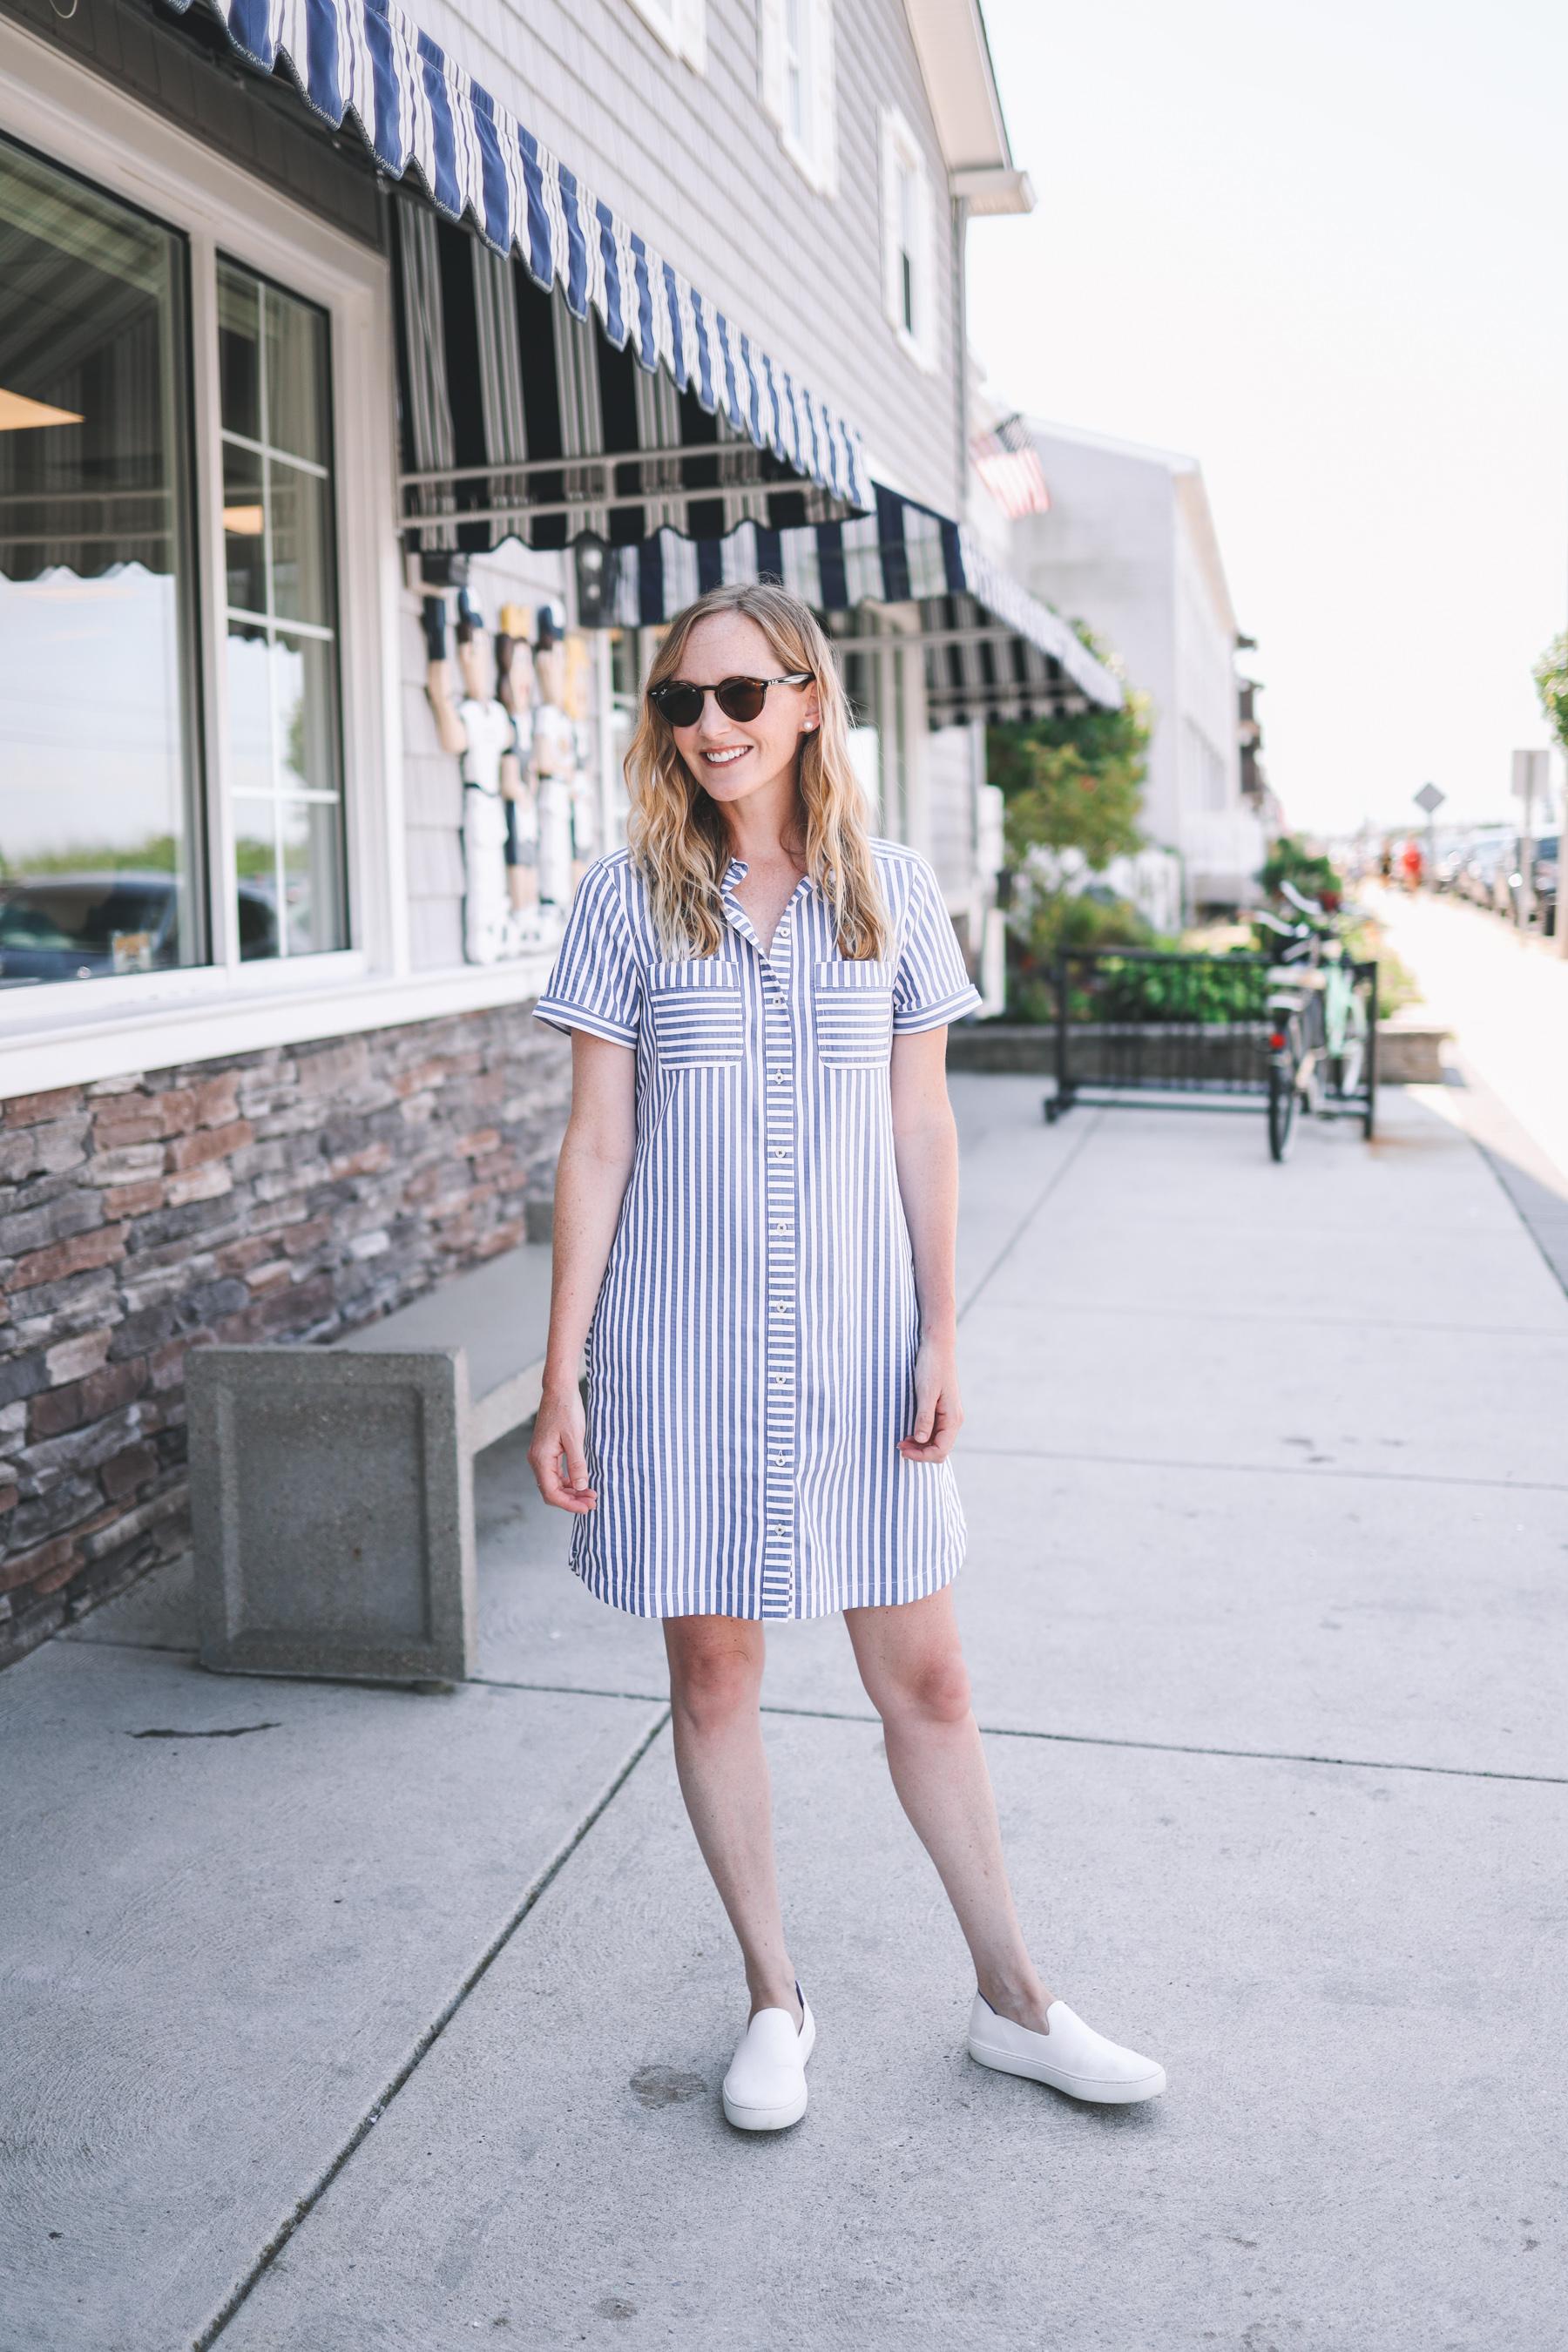 kelly in a seesucker shirt dress in the street